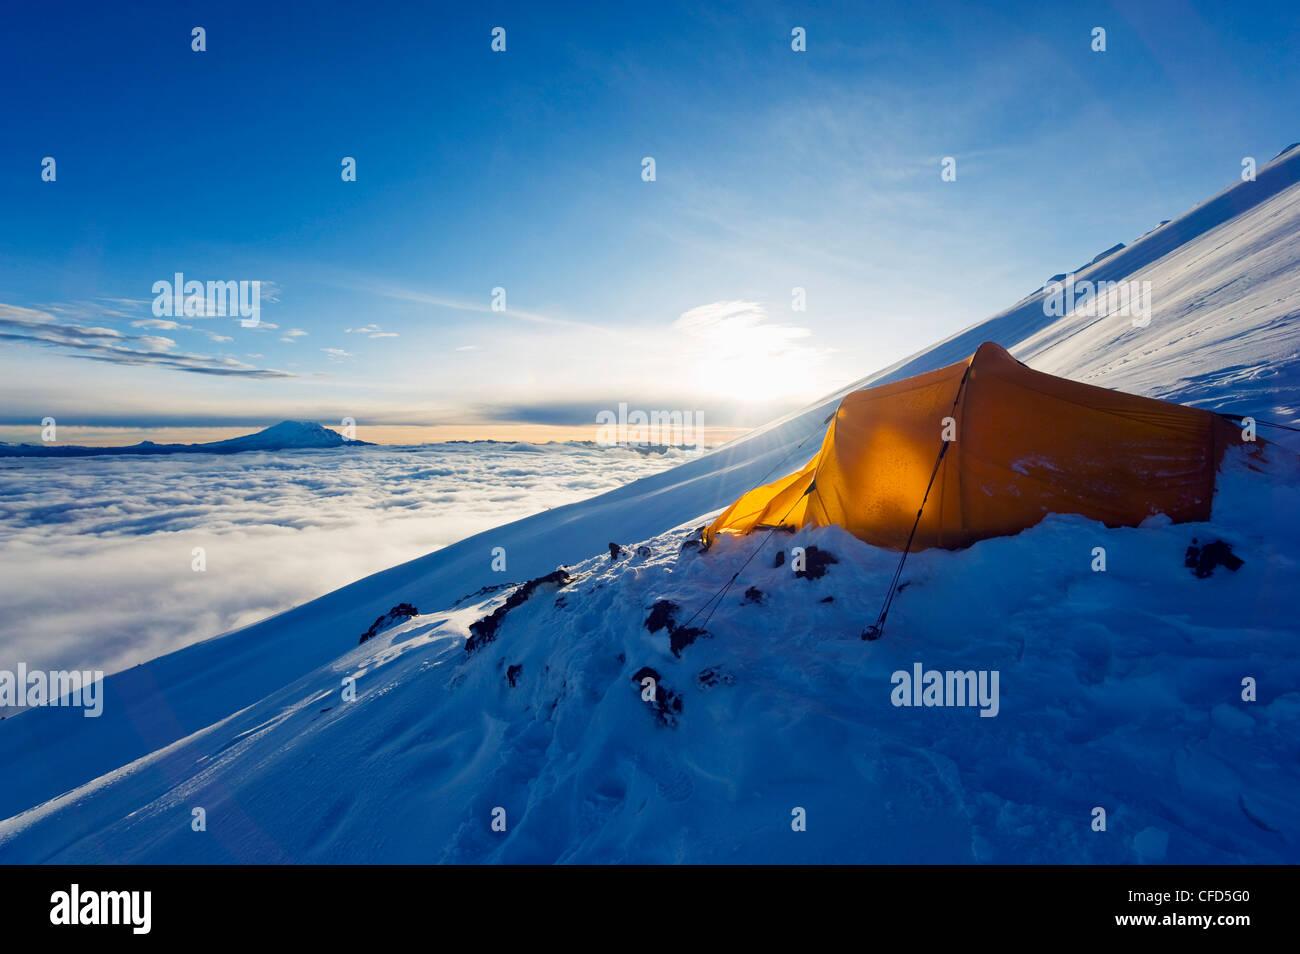 Tienda el volcán Cotopaxi, con 5897 metros, el volcán activo más alto del mundo, Ecuador, Sudamérica Imagen De Stock